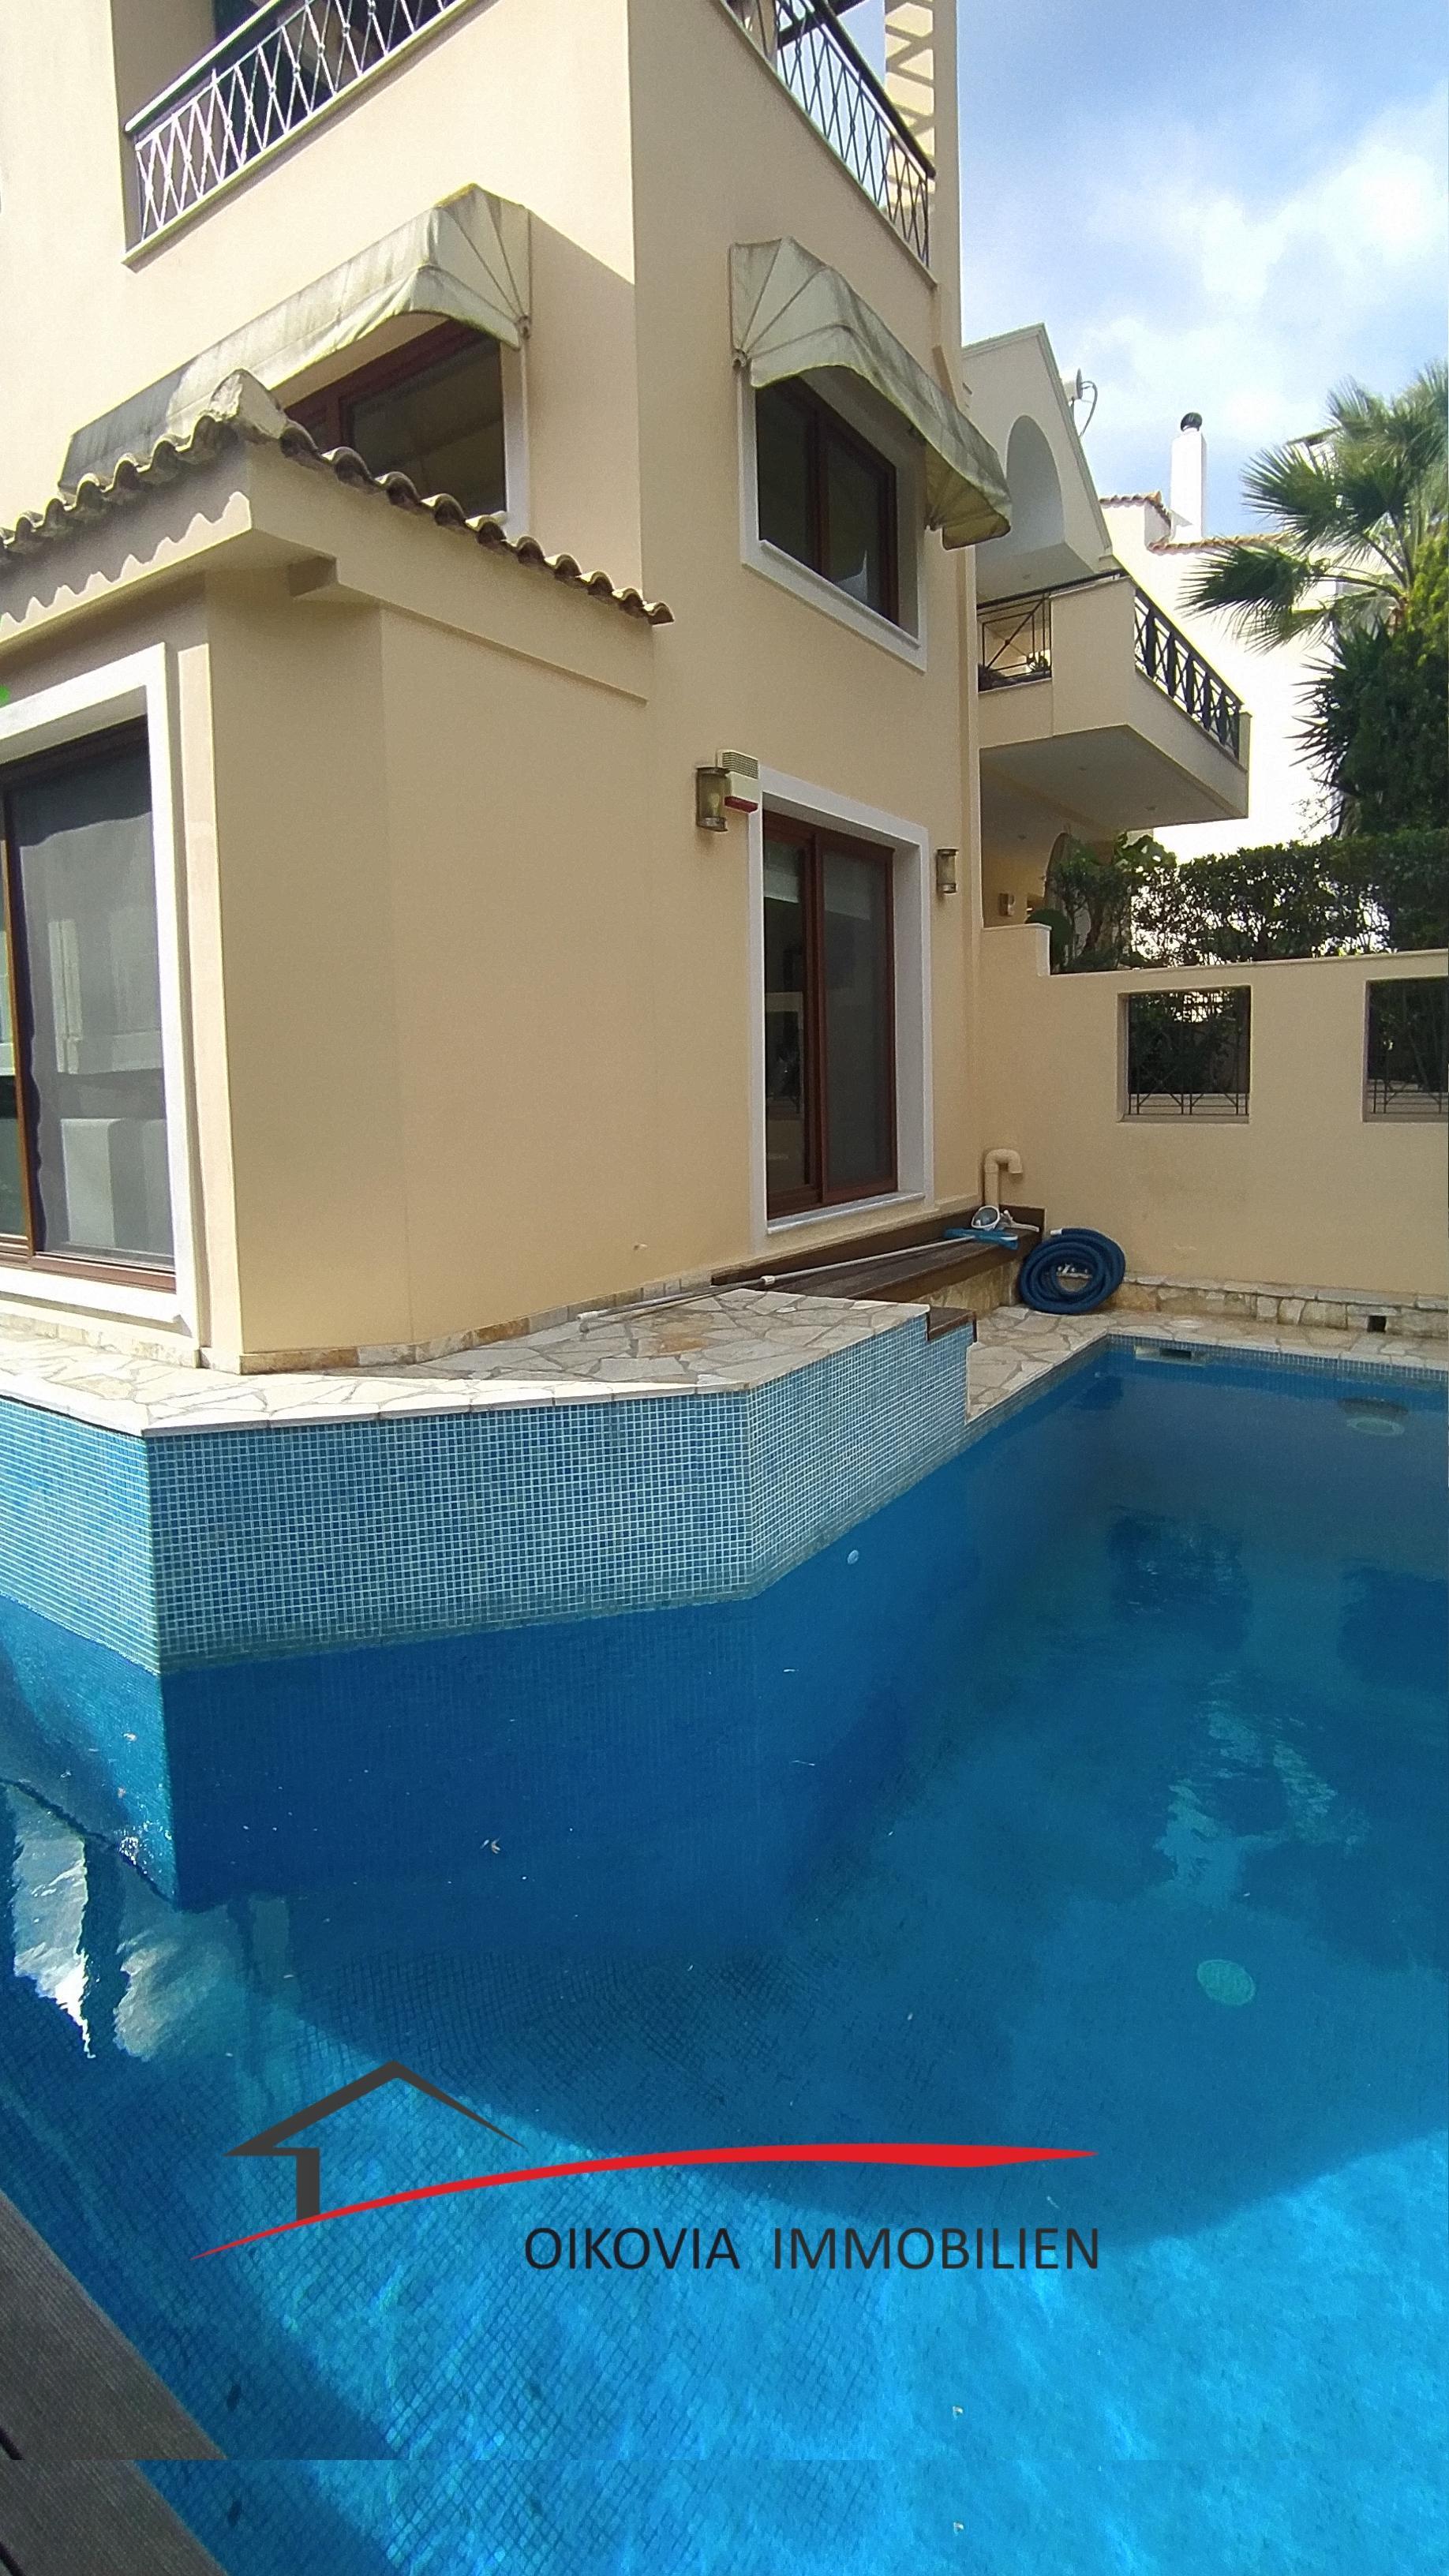 Investitionsobjekt Athen Süd- Voula, Pigadakia, Einfamilienhaus zu Verkaufen, 220 qm, Auf Grundstück 200 qm